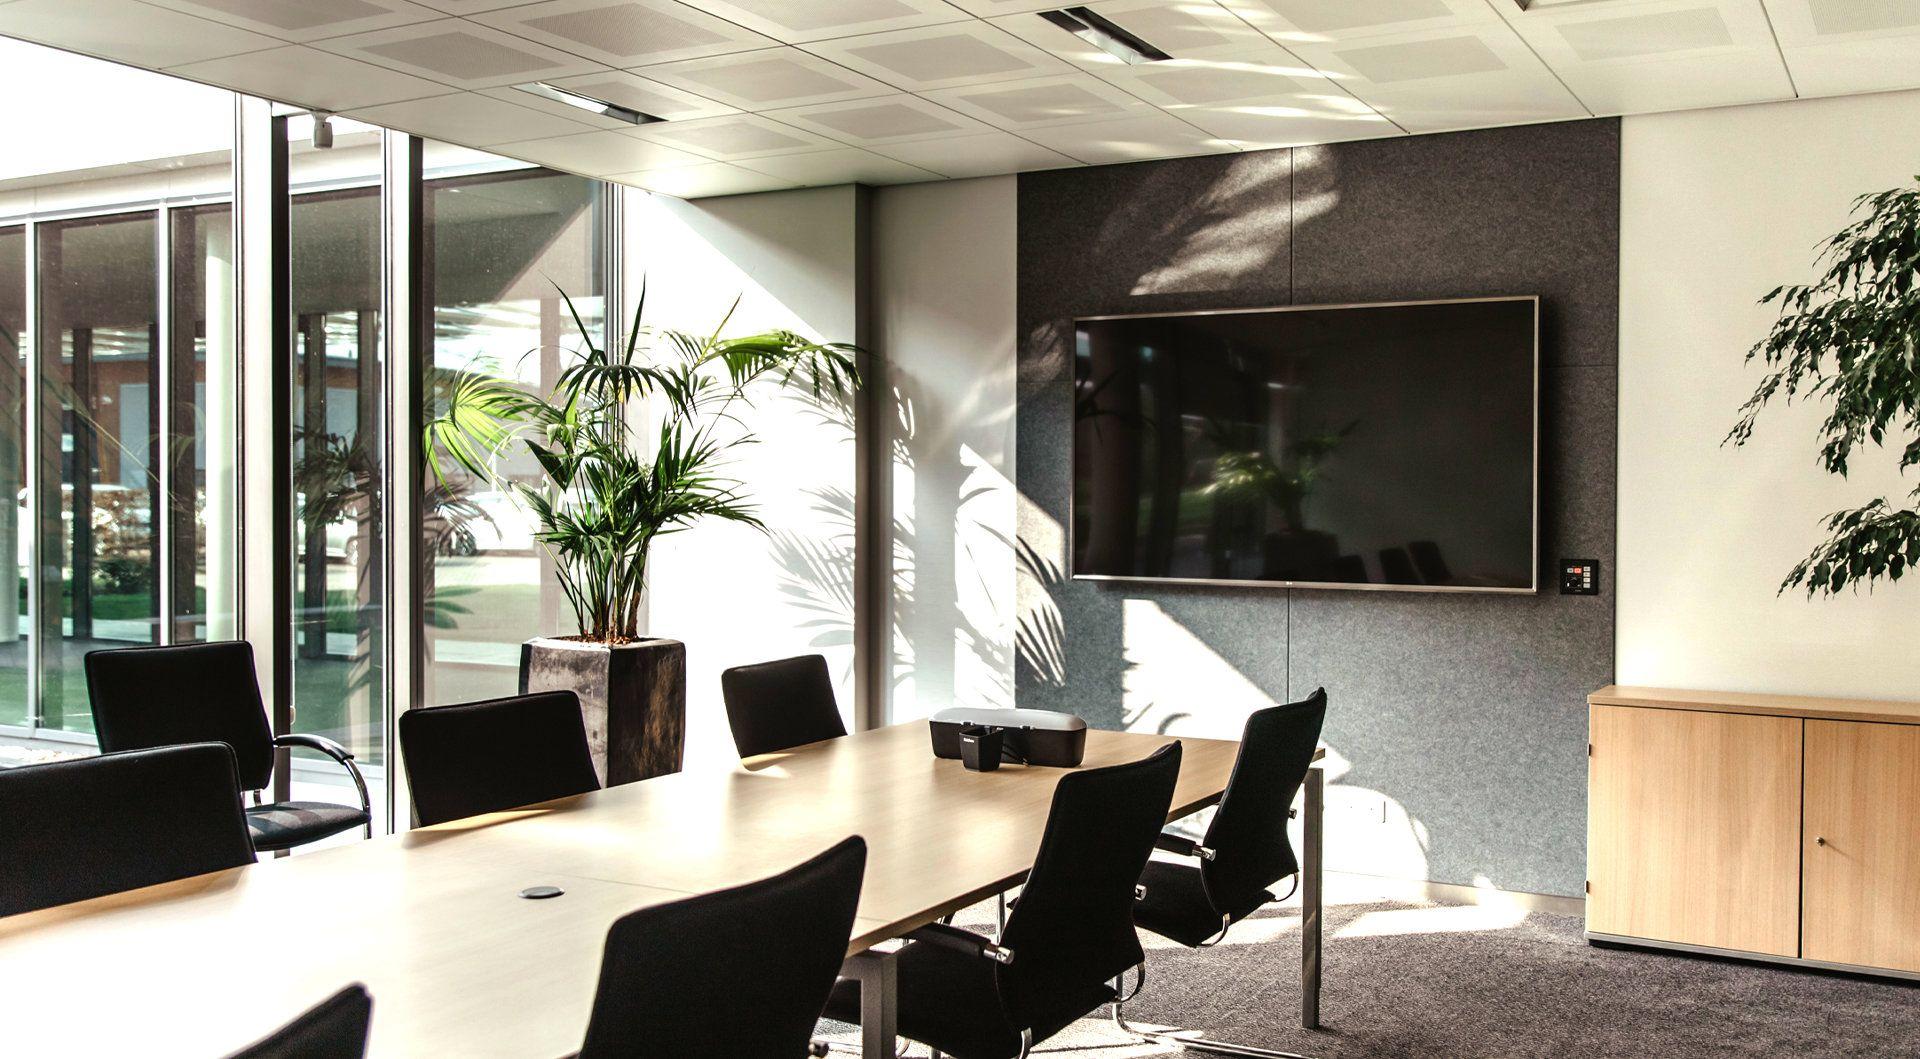 """Projecta LiteScreen 122x211 cm Datalux F 16:9 projectiescherm 2,34 m (92"""") - Case studie de vries"""